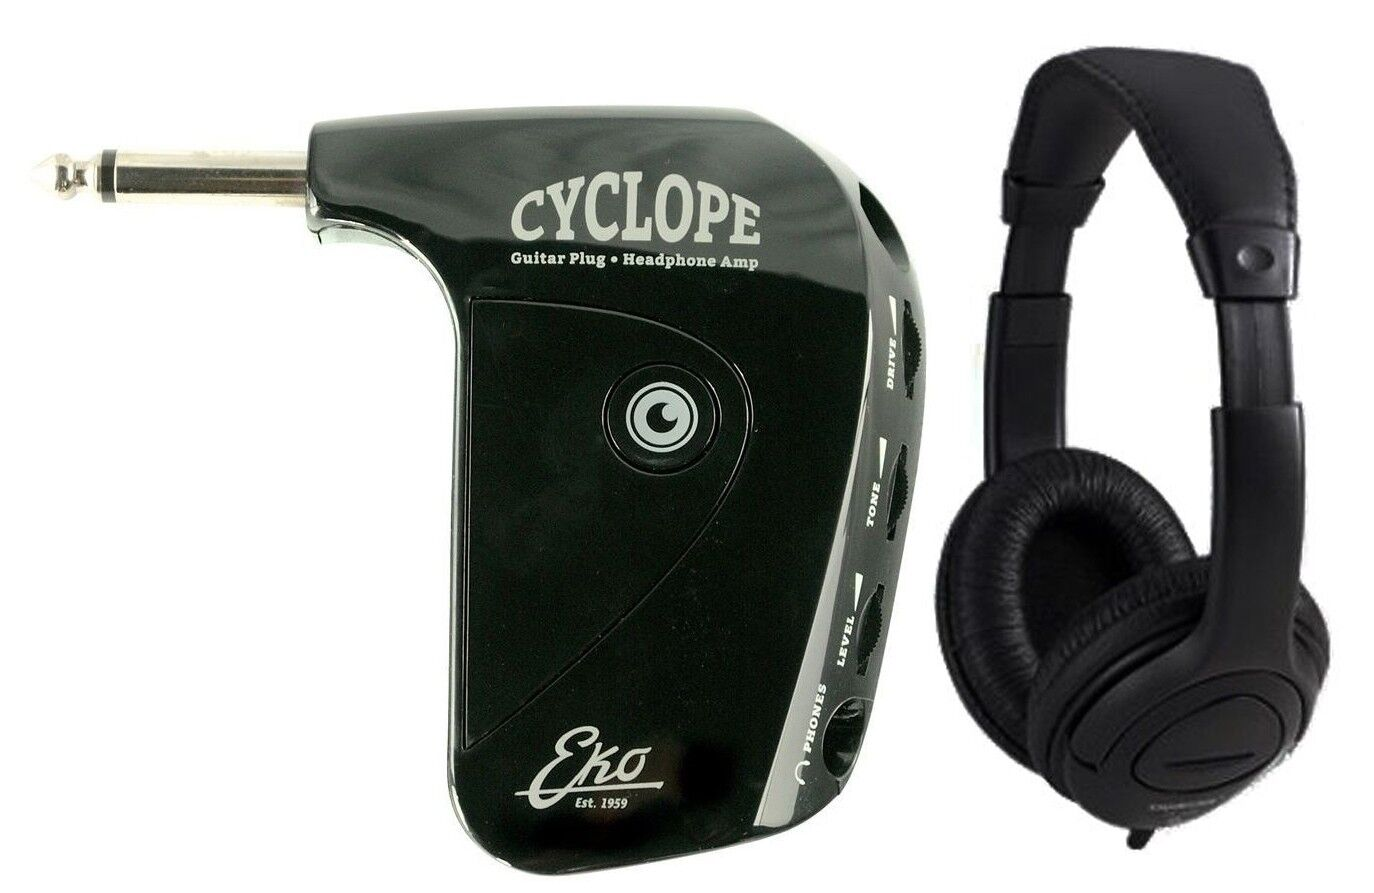 spedizione veloce in tutto il mondo EKO Cyclope - Mini Amplificatore Amplificatore Amplificatore per Cuffie con Cuffie  lo stile classico